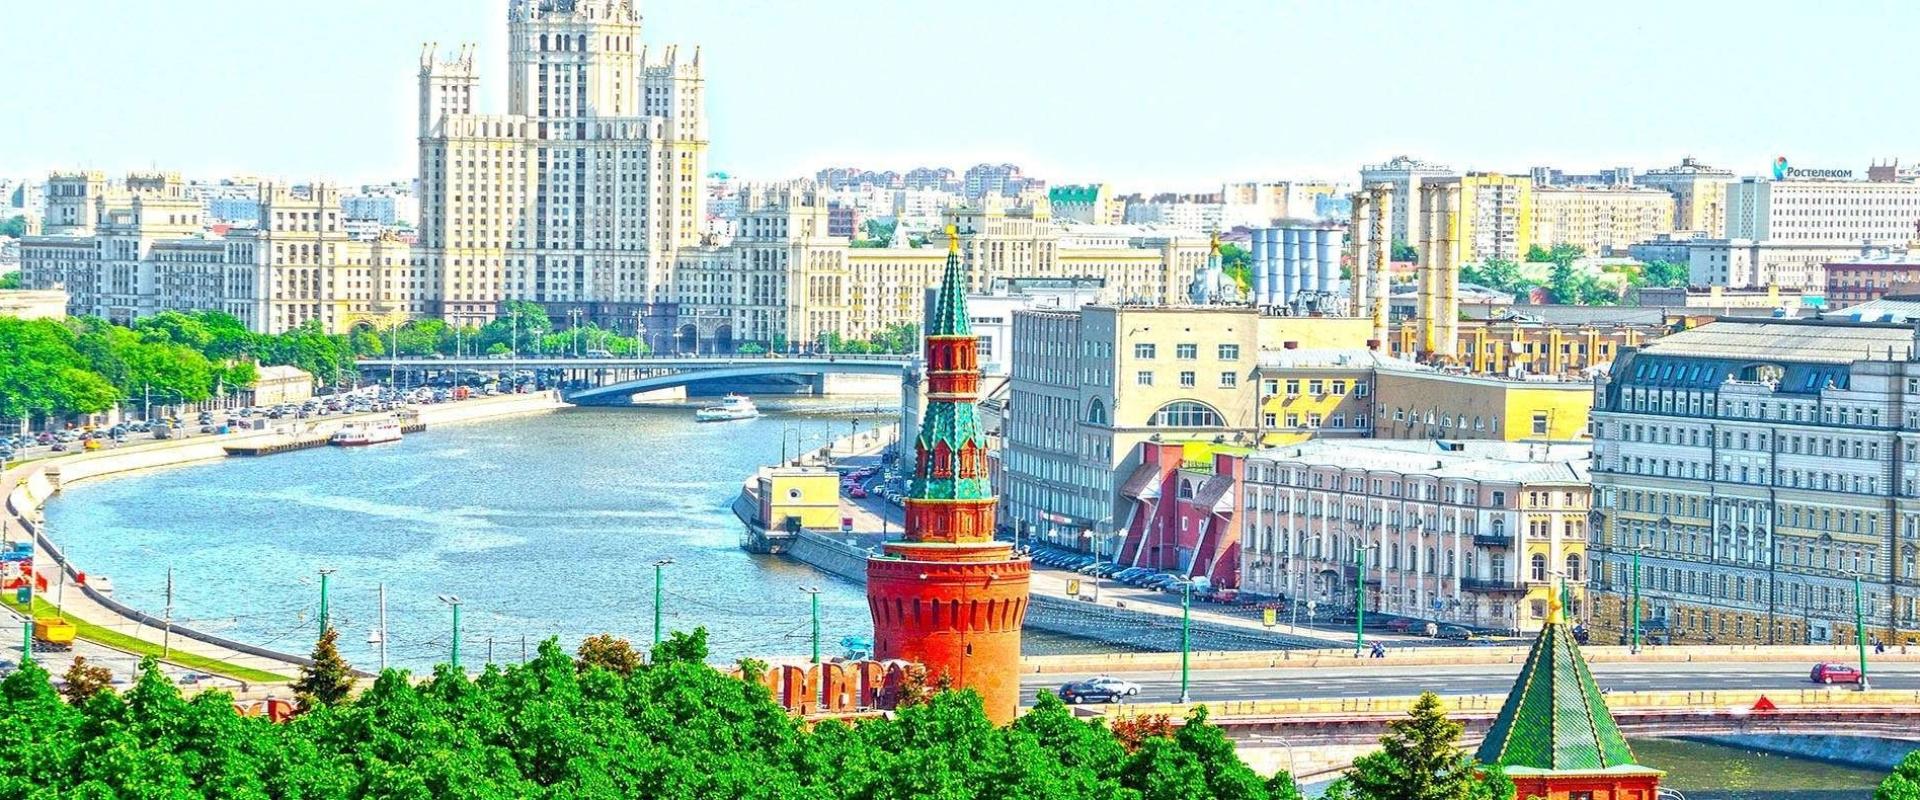 Поиск персонала в России в Москве. Разместить вакансию для поиска персонала.